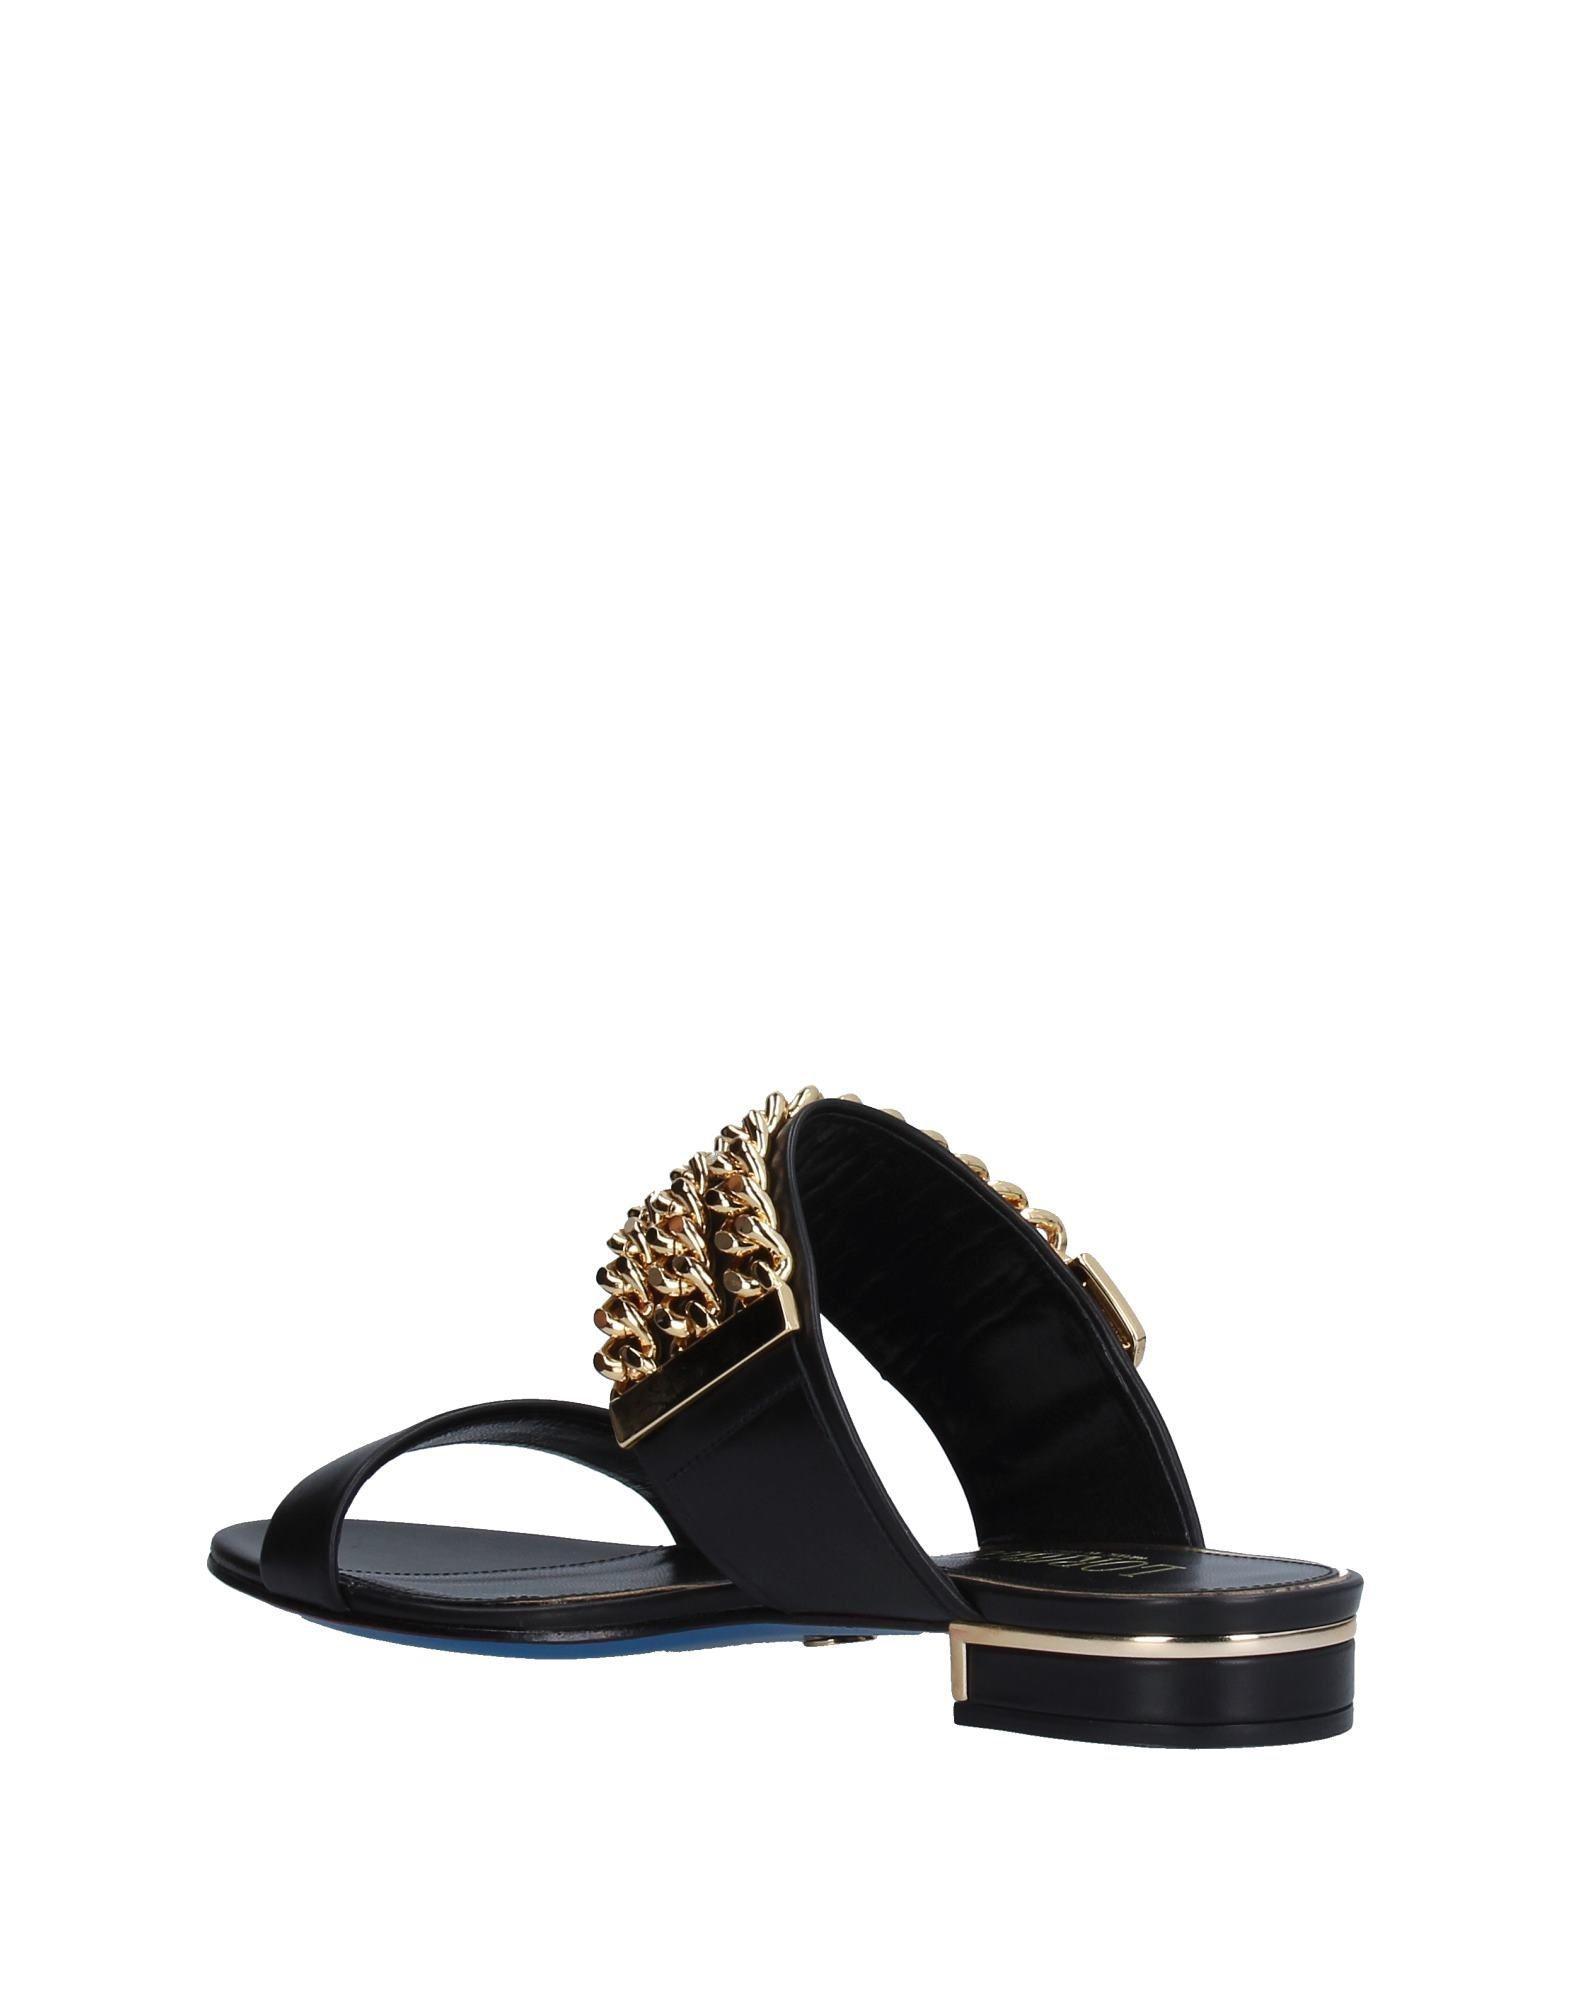 Sandales Entredoigt Loriblu - Chaussures mdJp2nzhFz